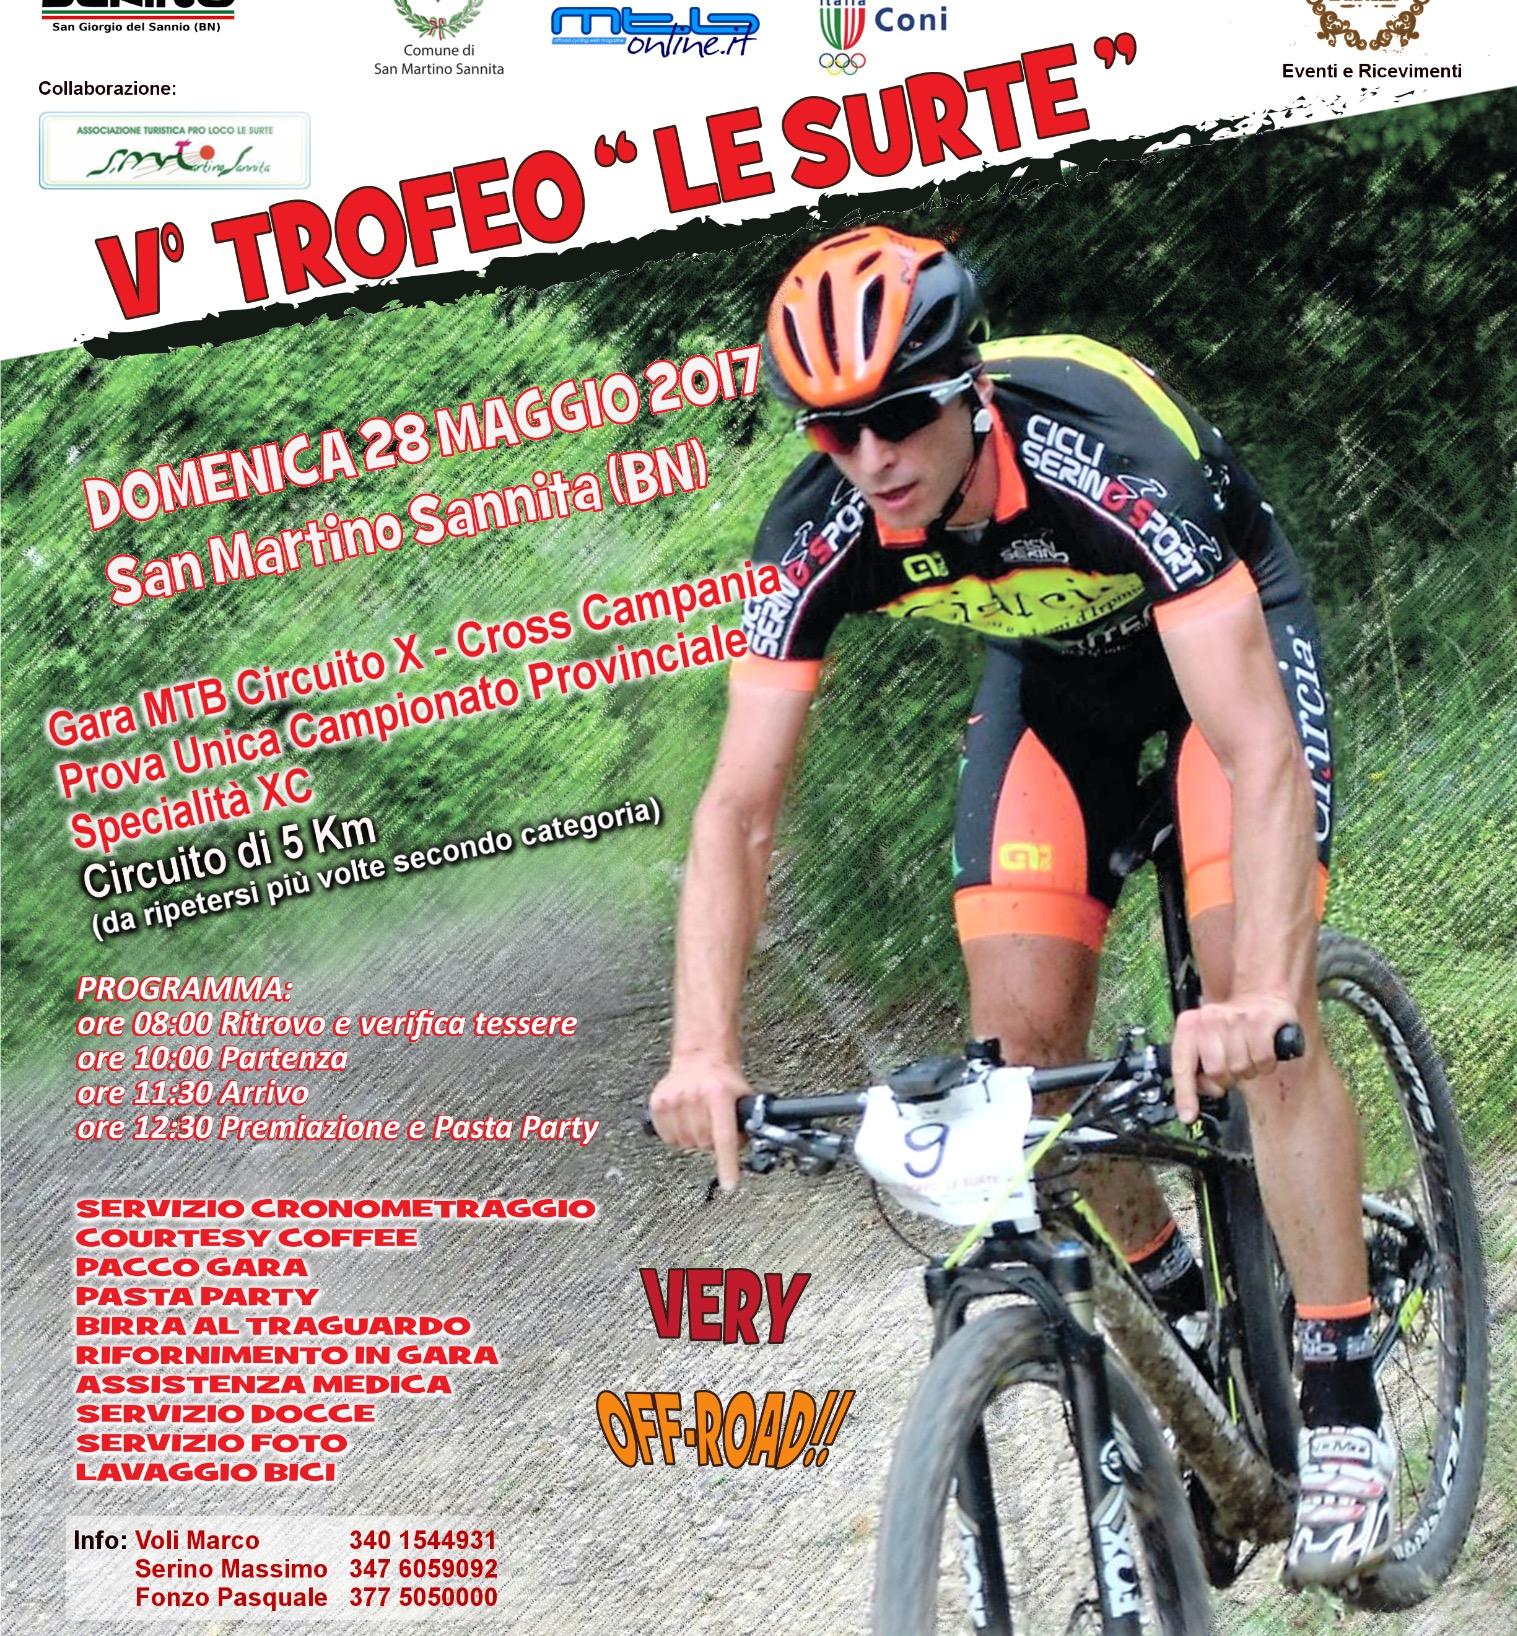 Domenica via al V Trofeo 'Le Surte'